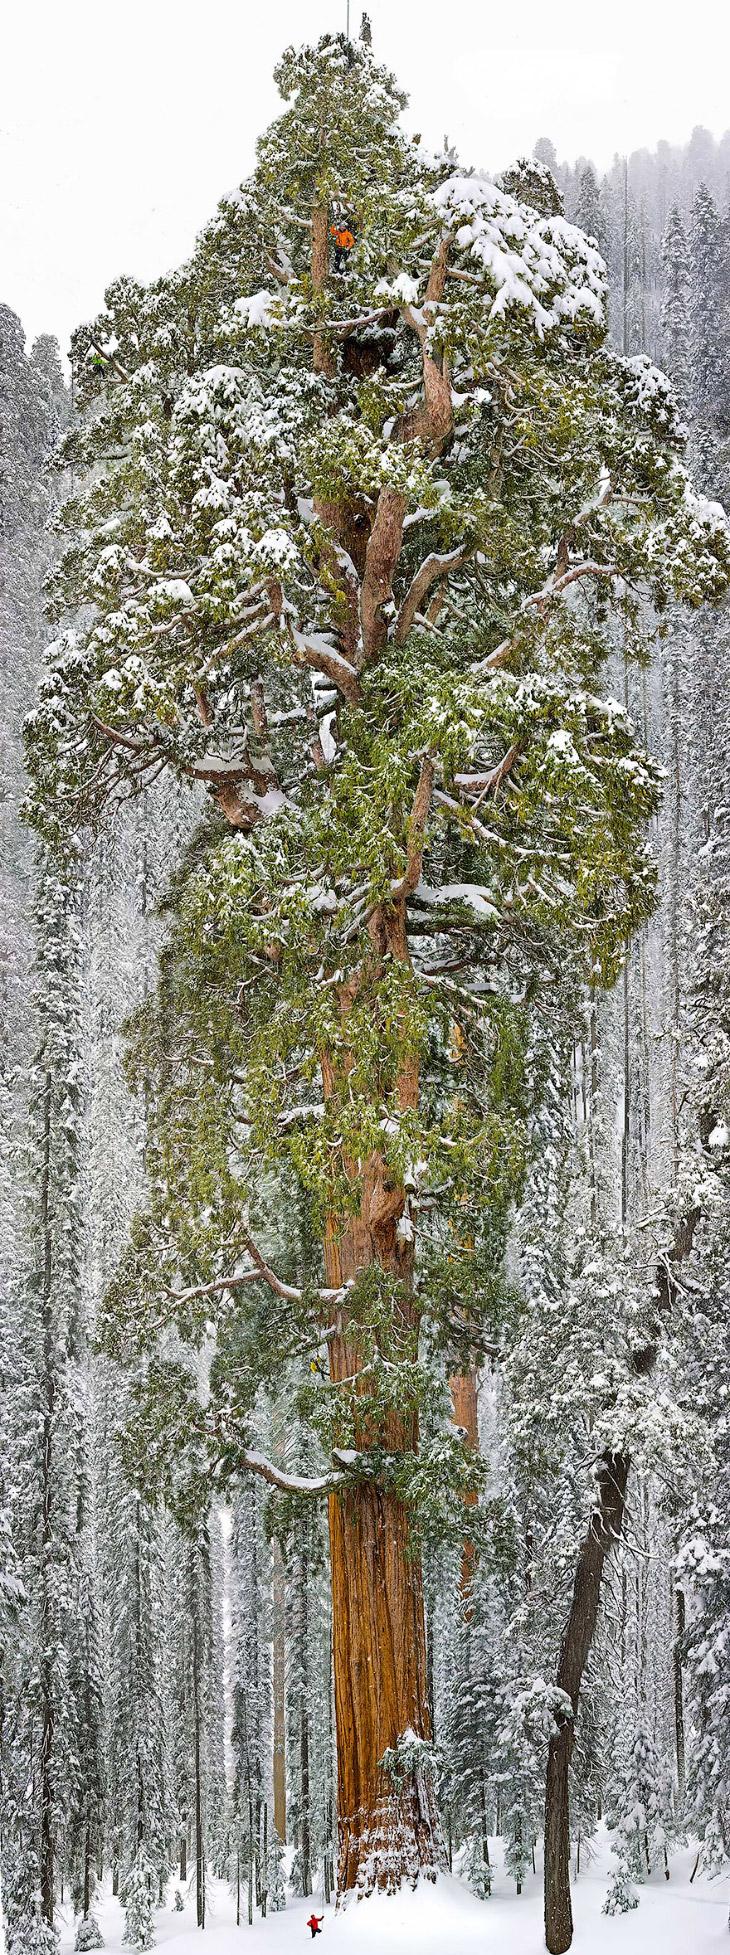 Найди людей на дереве. Их здесь трое